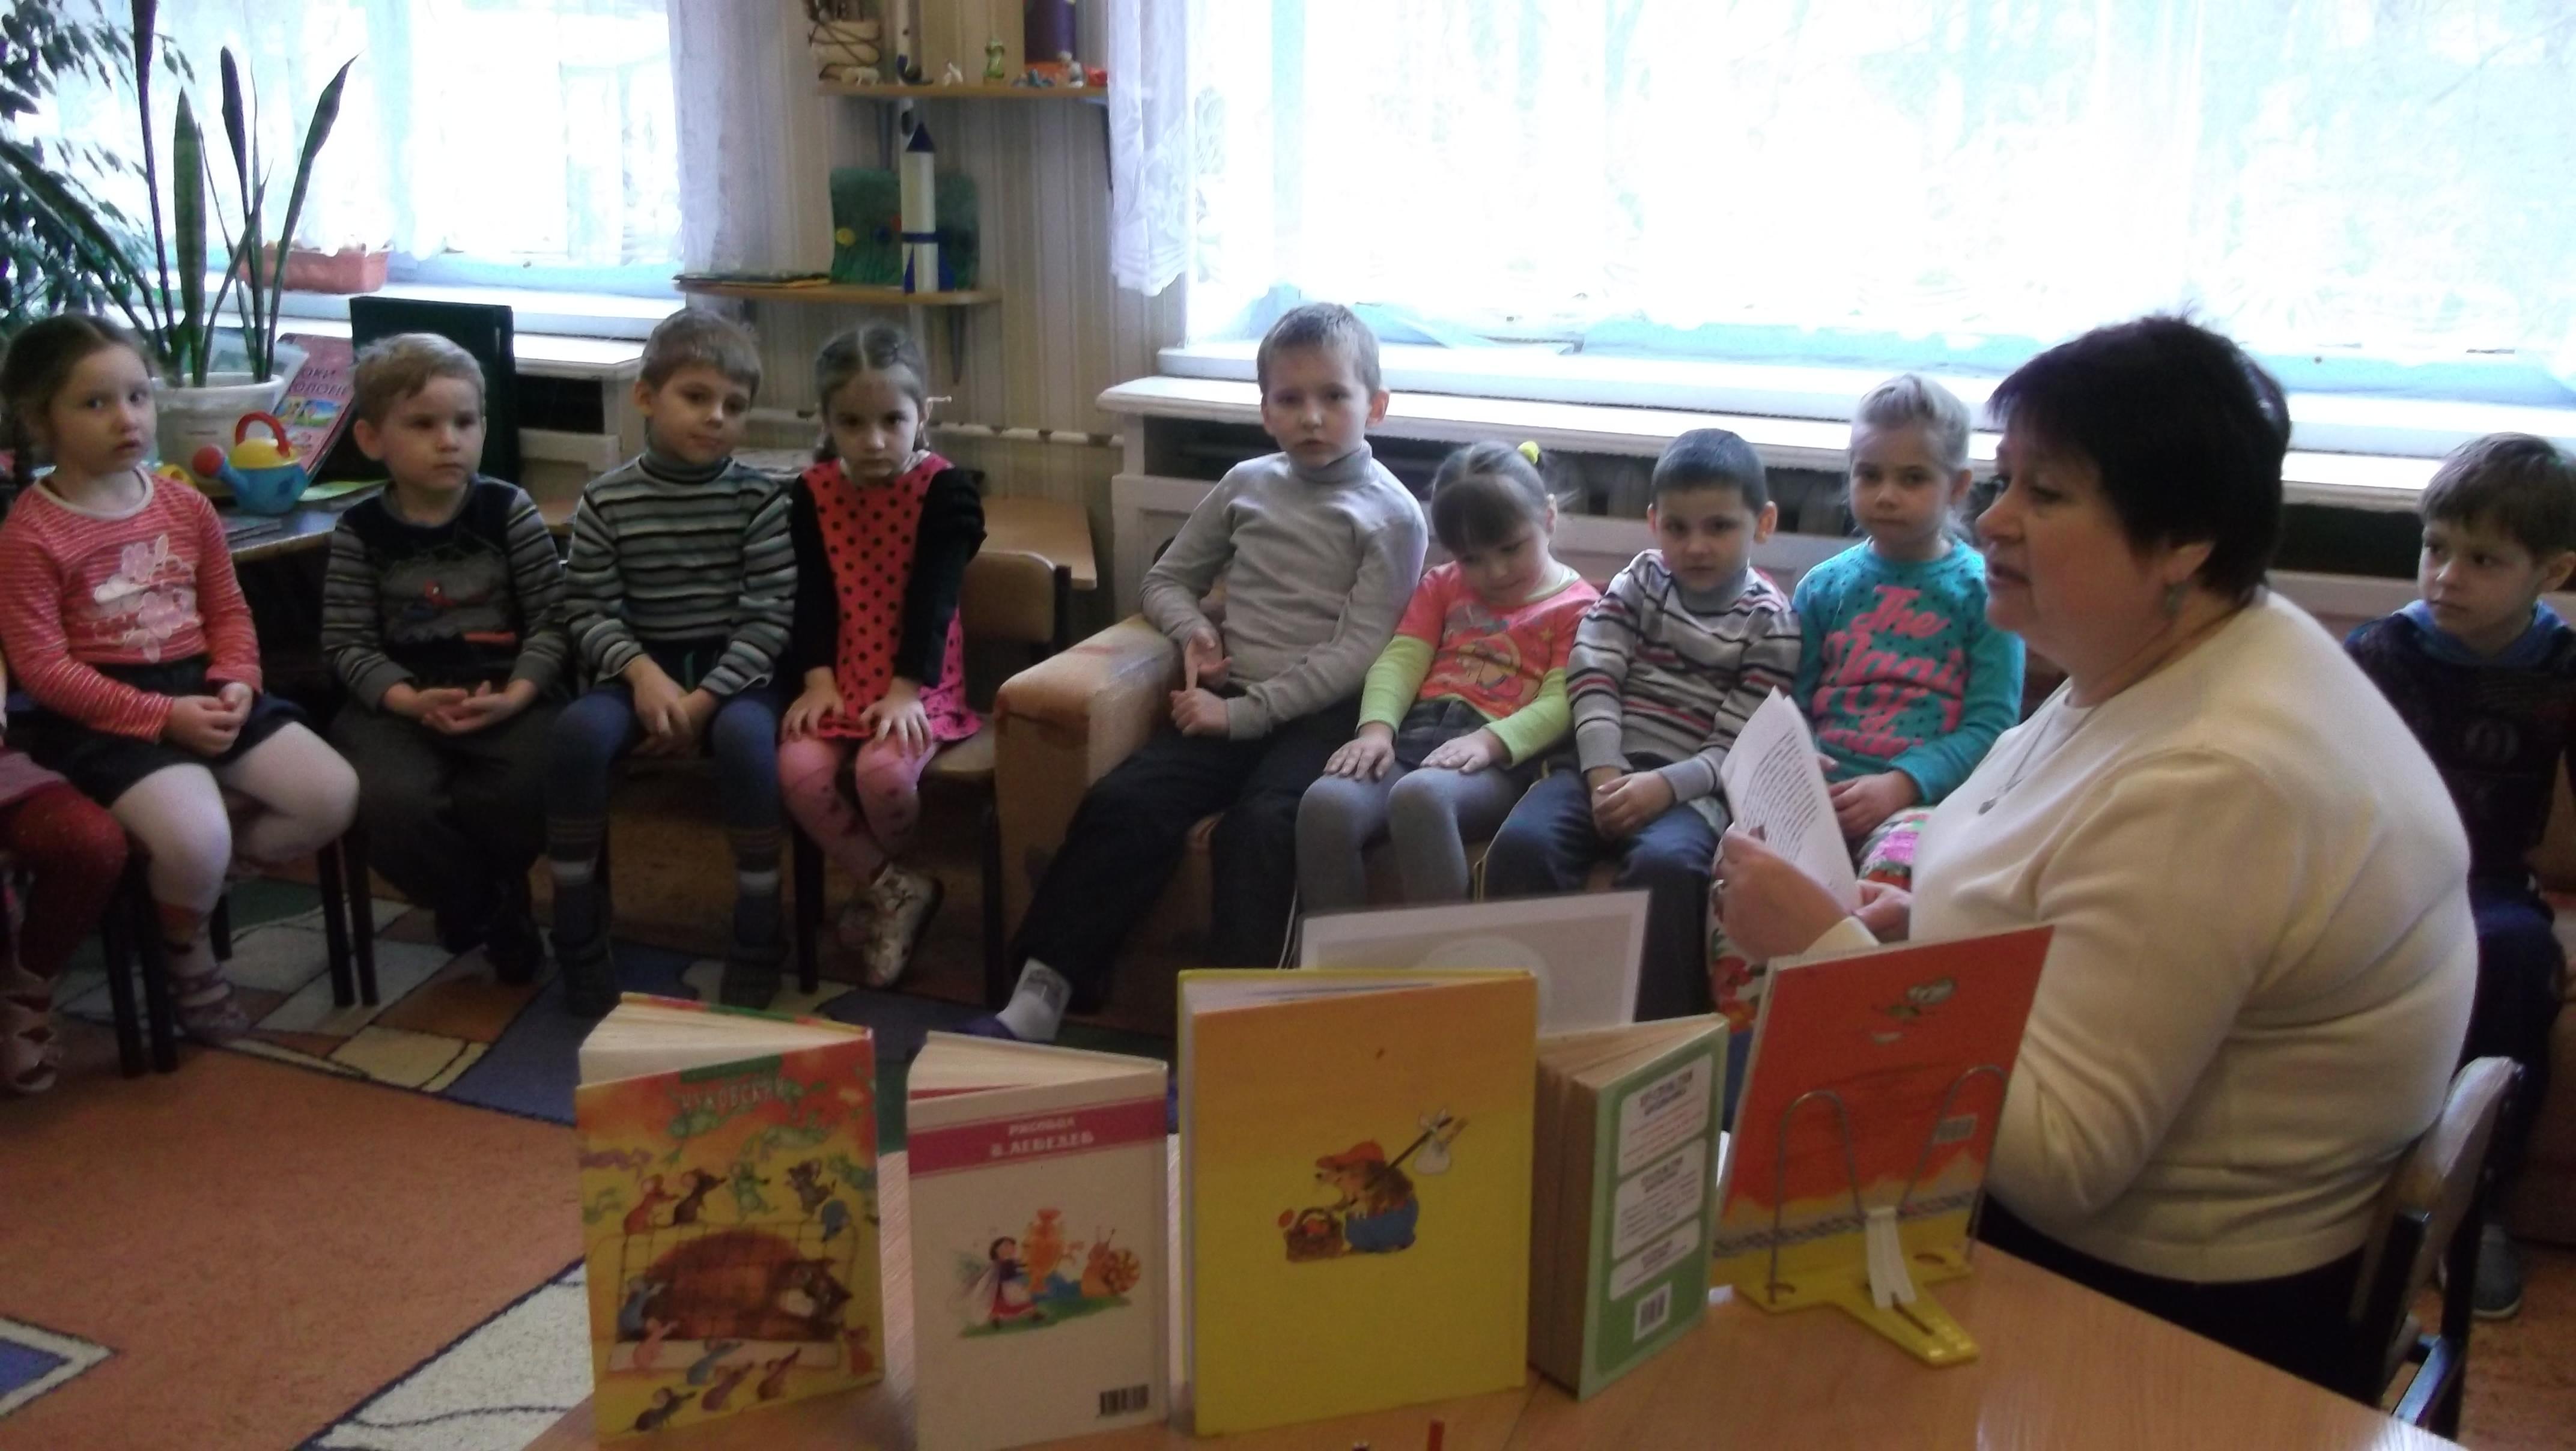 и снова любимый чуковский, донецкая республиканская библиотека для детей, внестационарный отдел обслуживания, беседа с детьми, сказки корнея чуковского